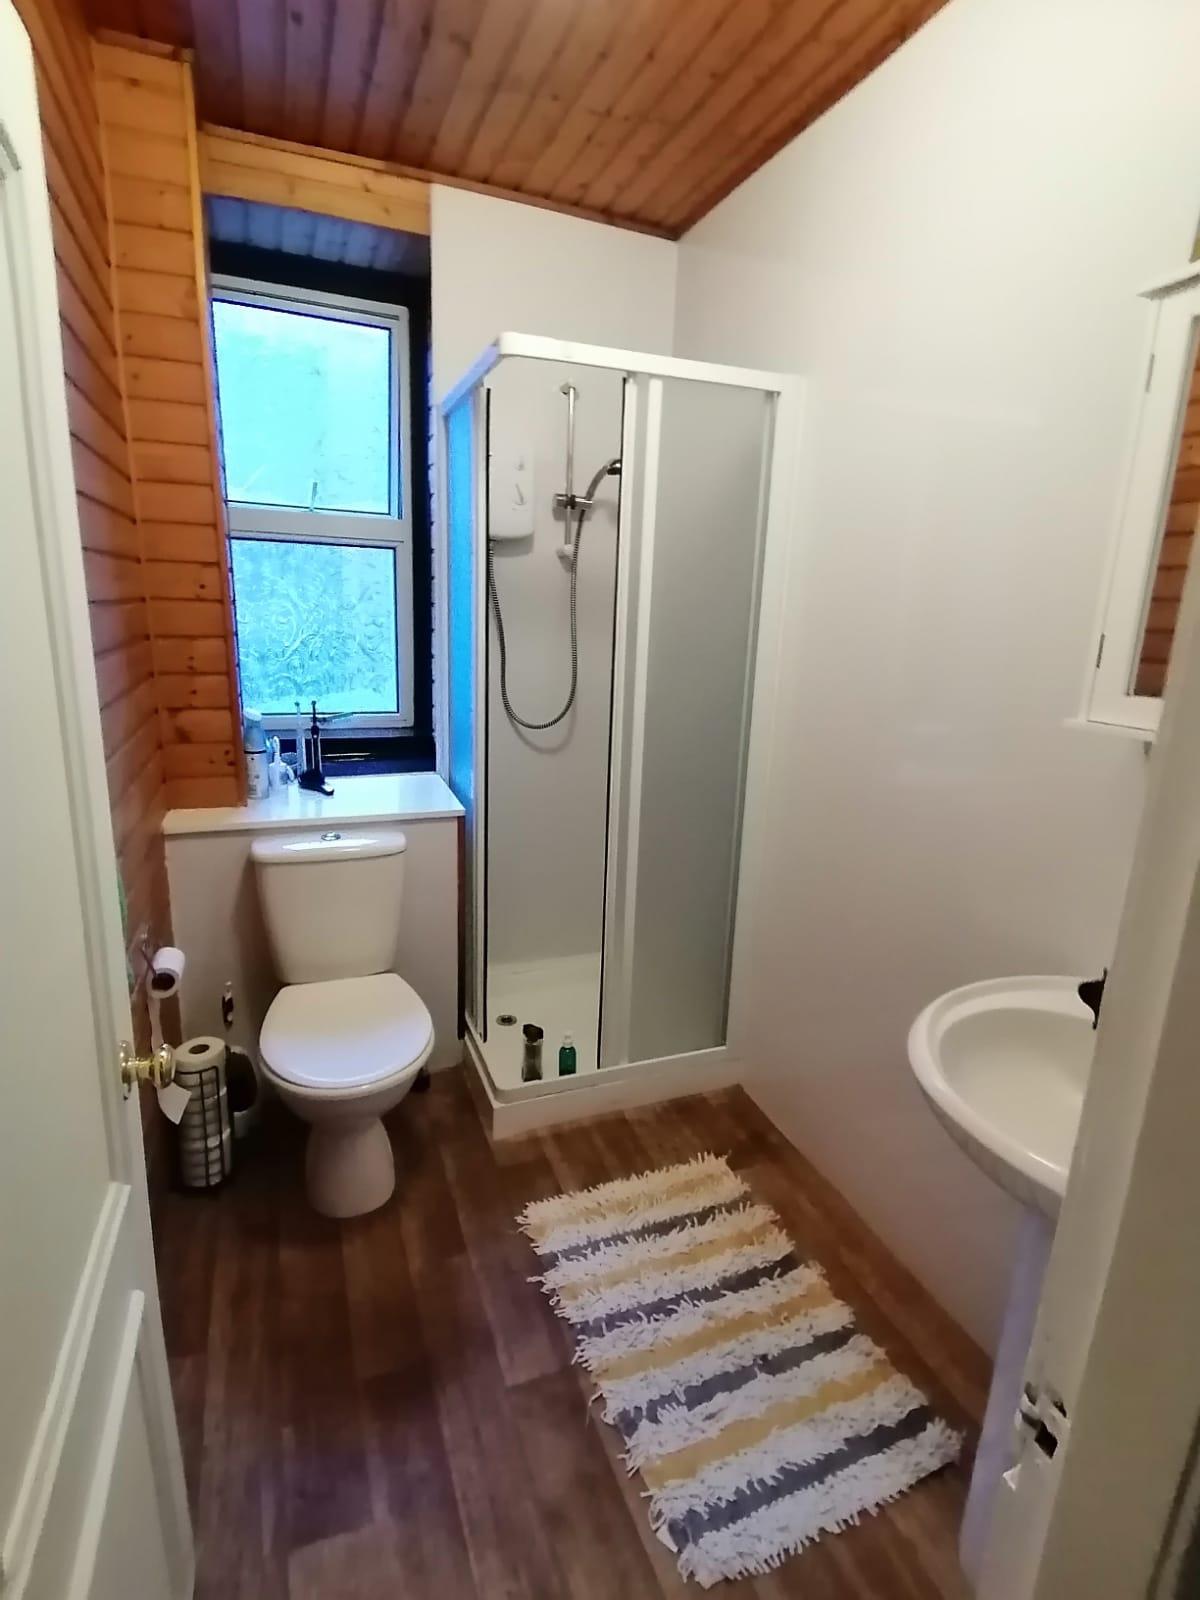 24parkave-shower-room.jpeg